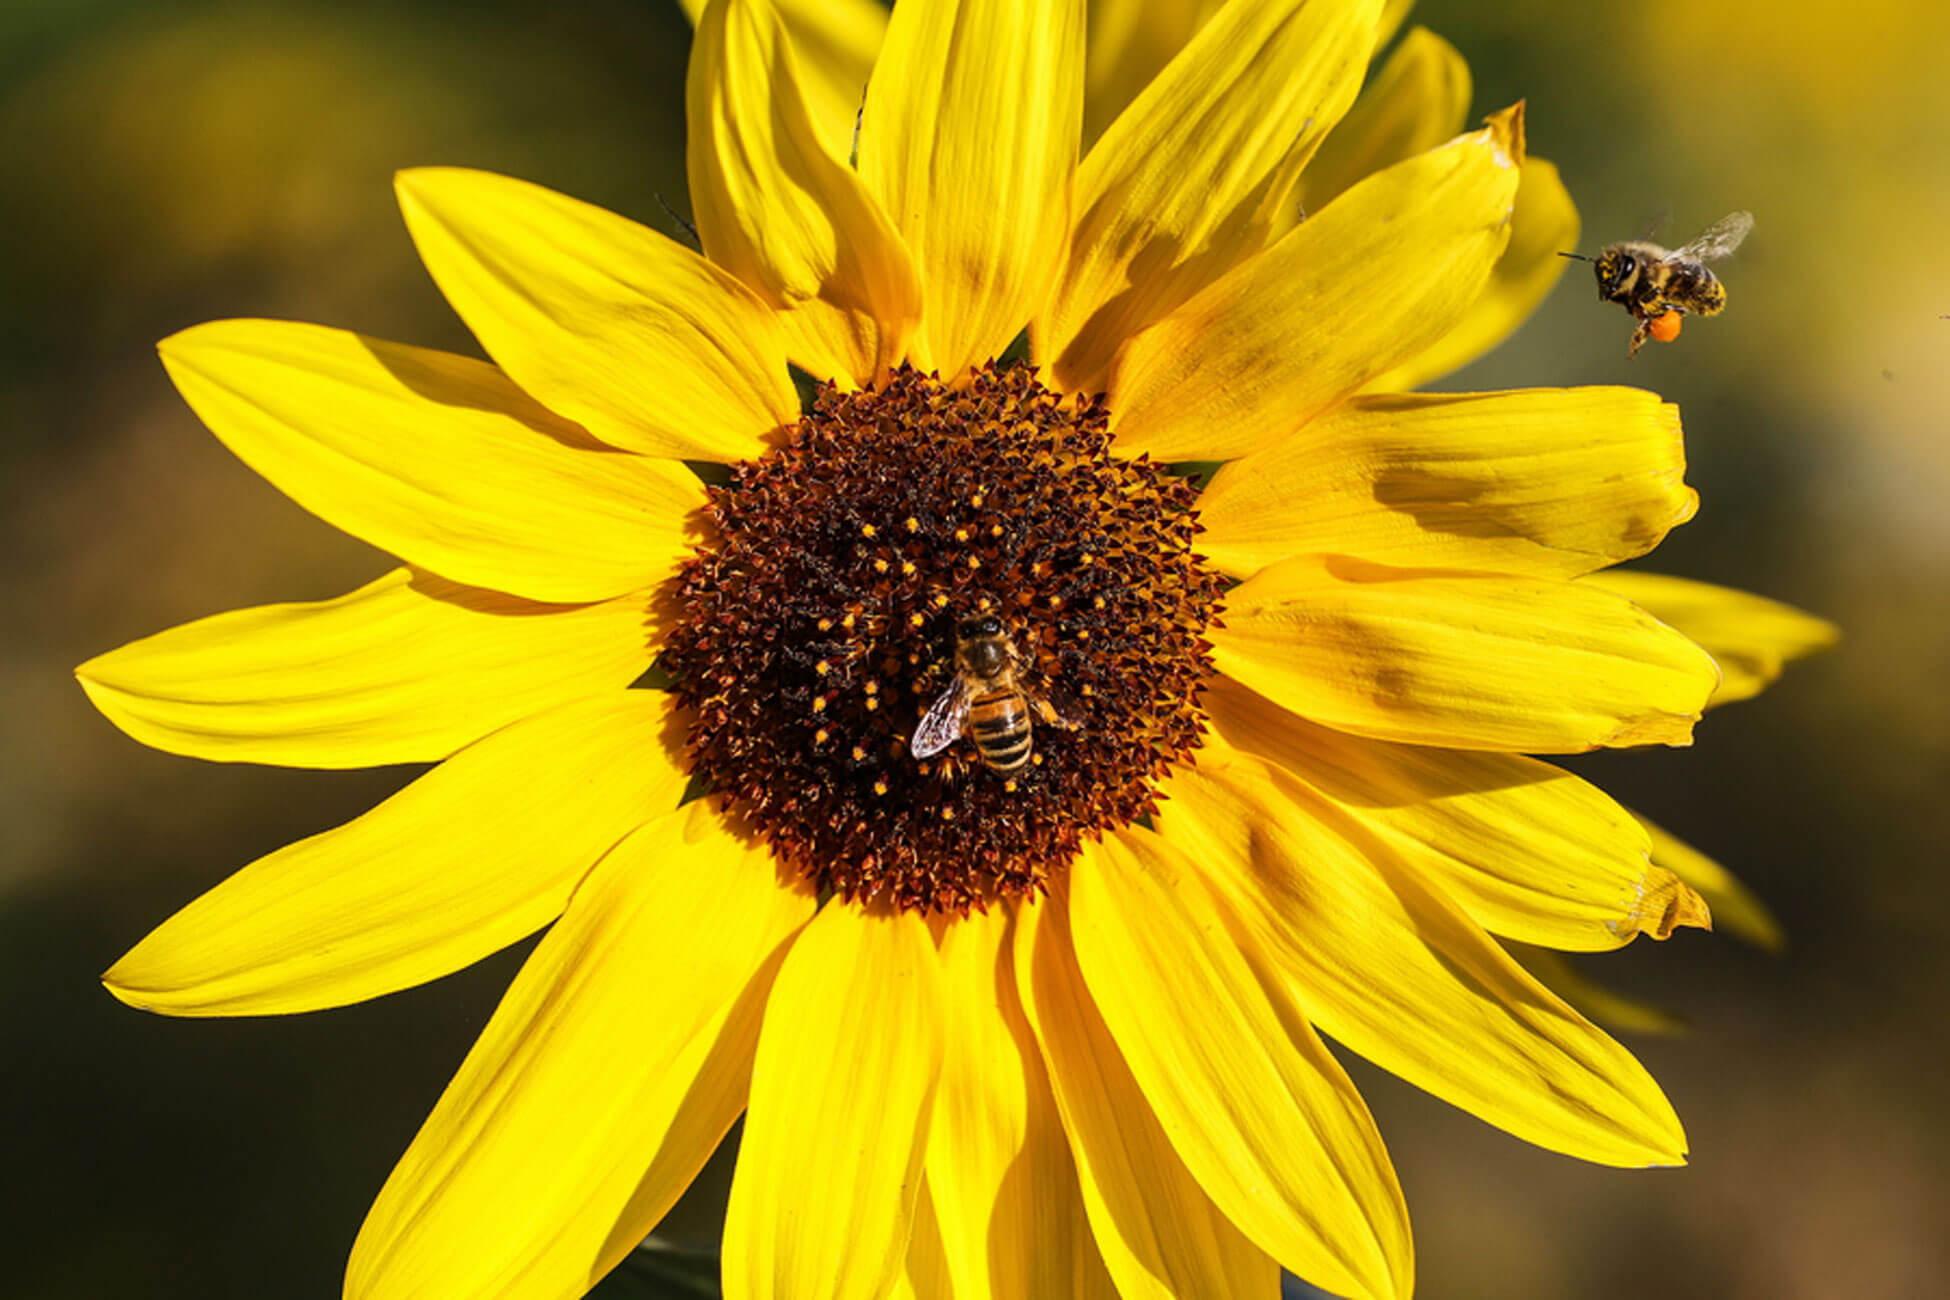 Οι μέλισσες… ξέρουν μαθηματικά – Μπορούν να κάνουν πρόσθεση και αφαίρεση